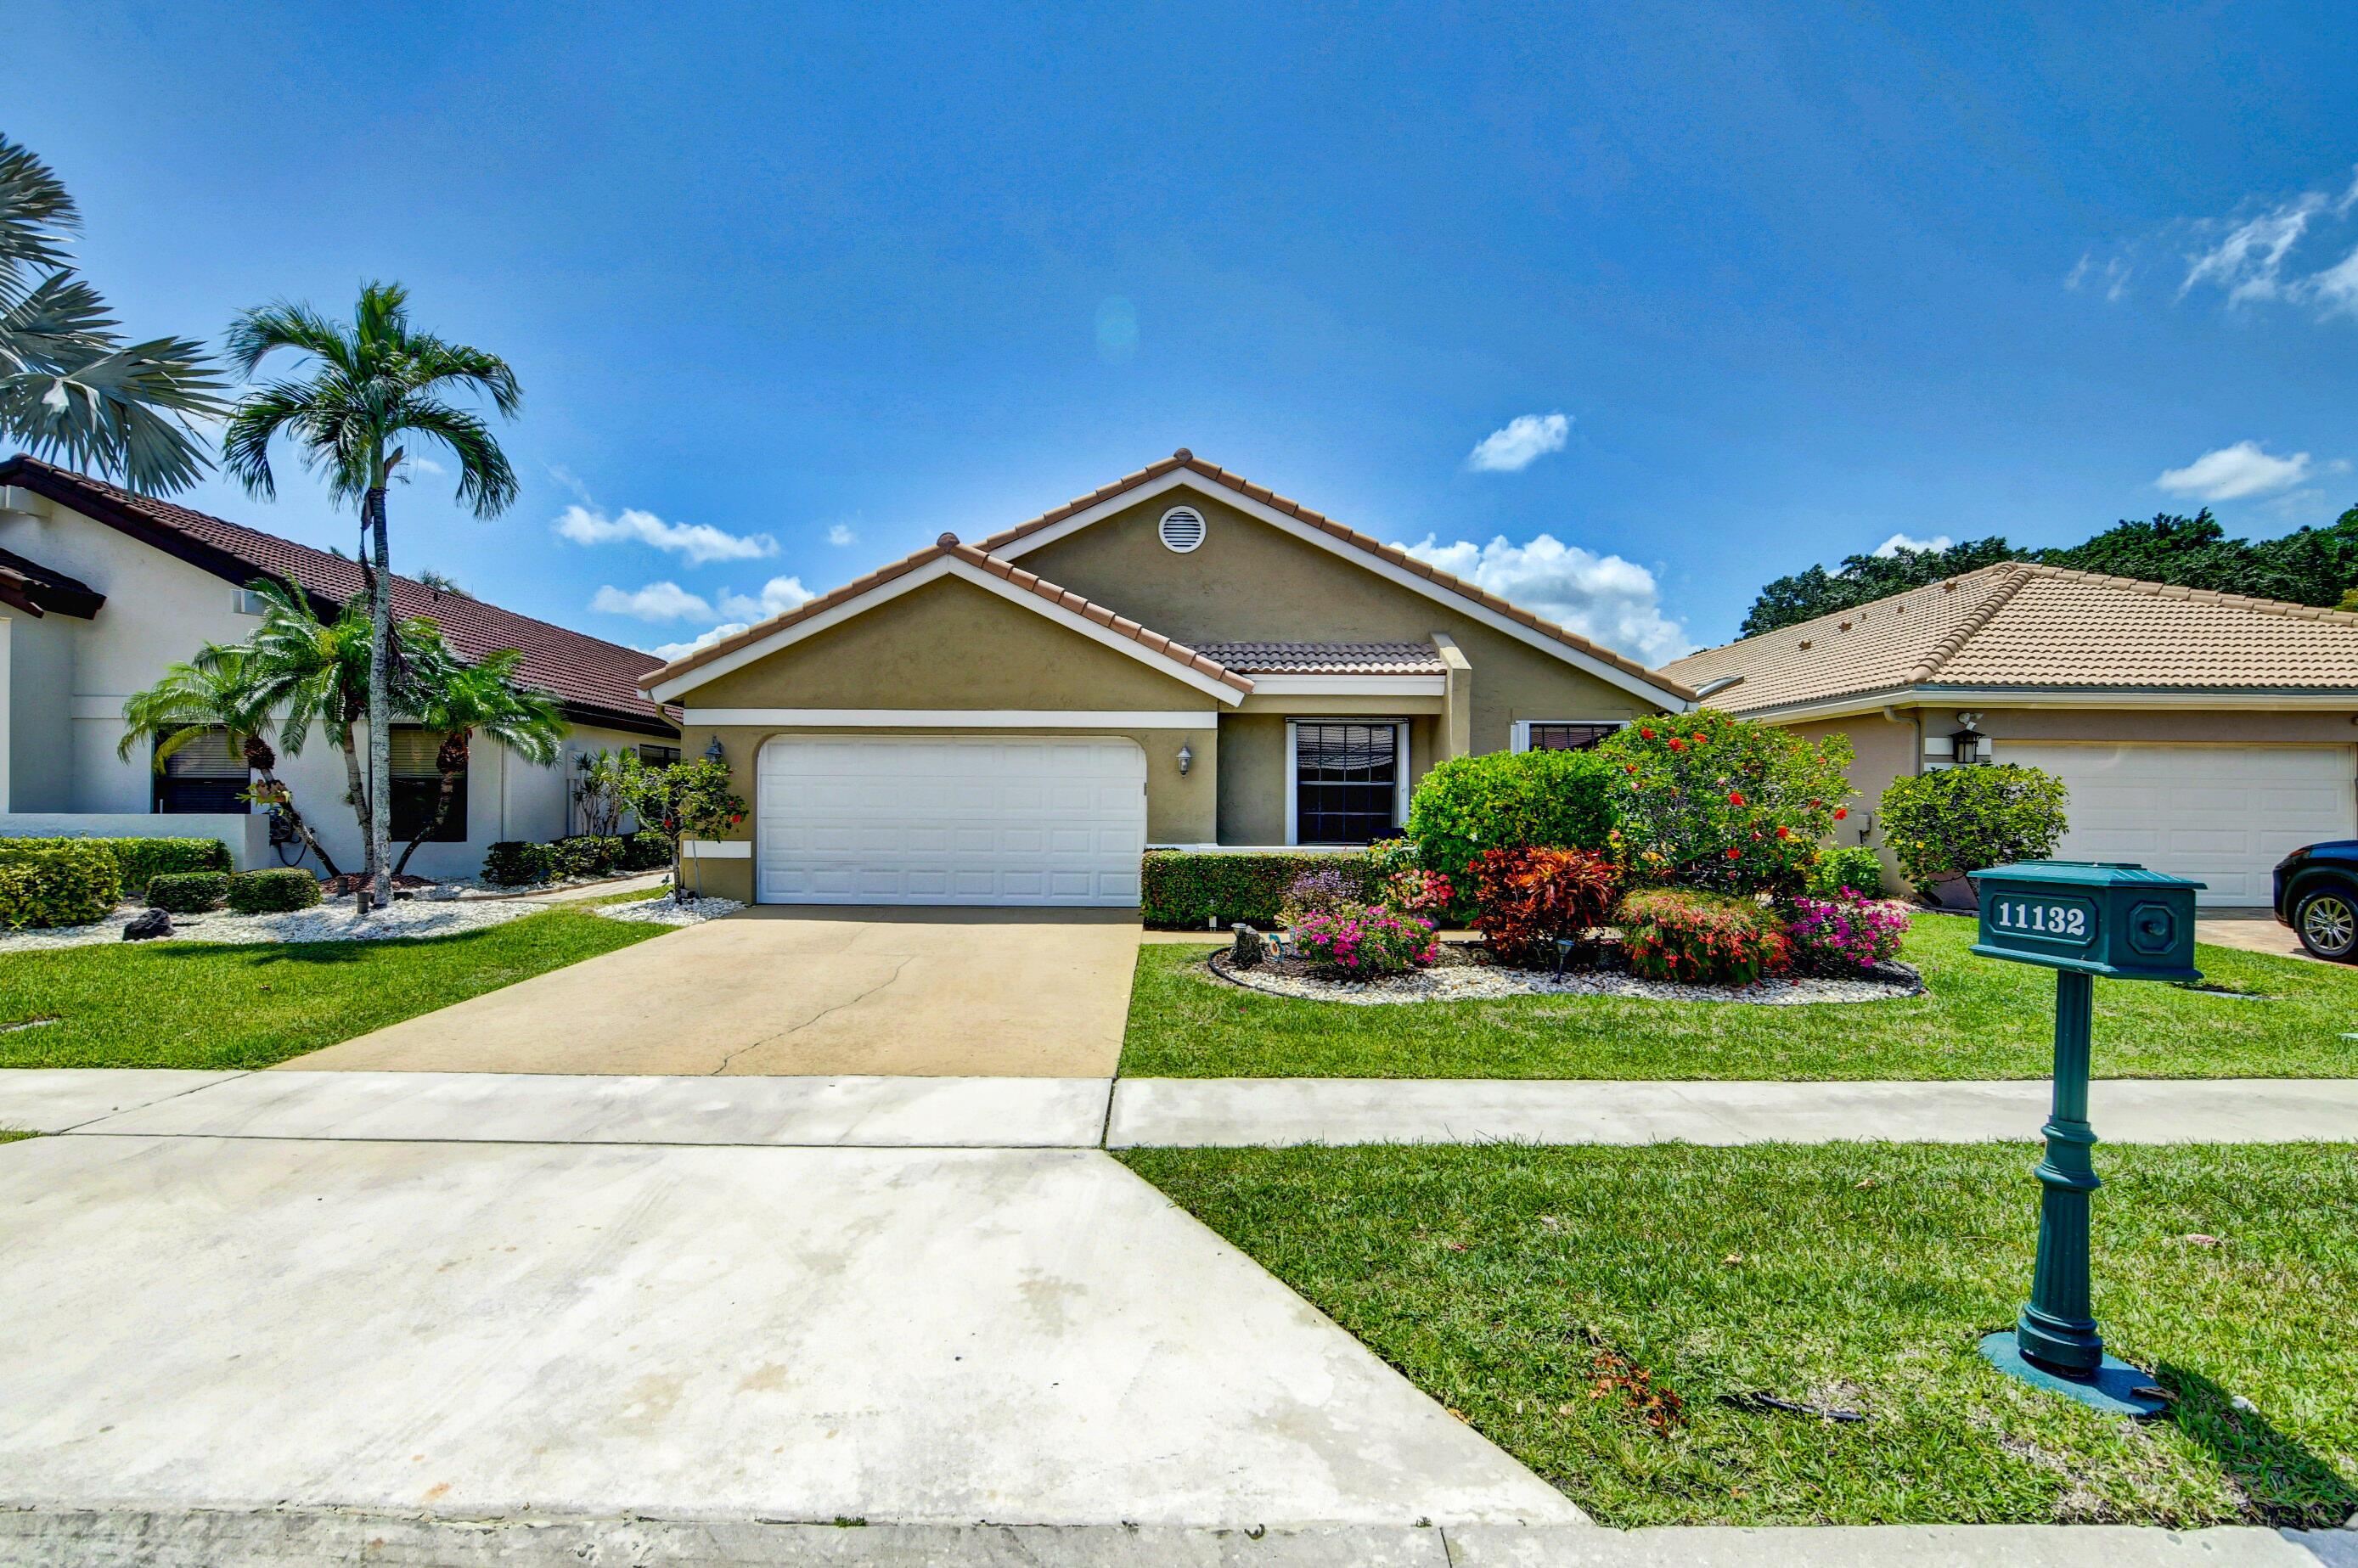 11132  Clover Leaf Circle  For Sale 10720364, FL